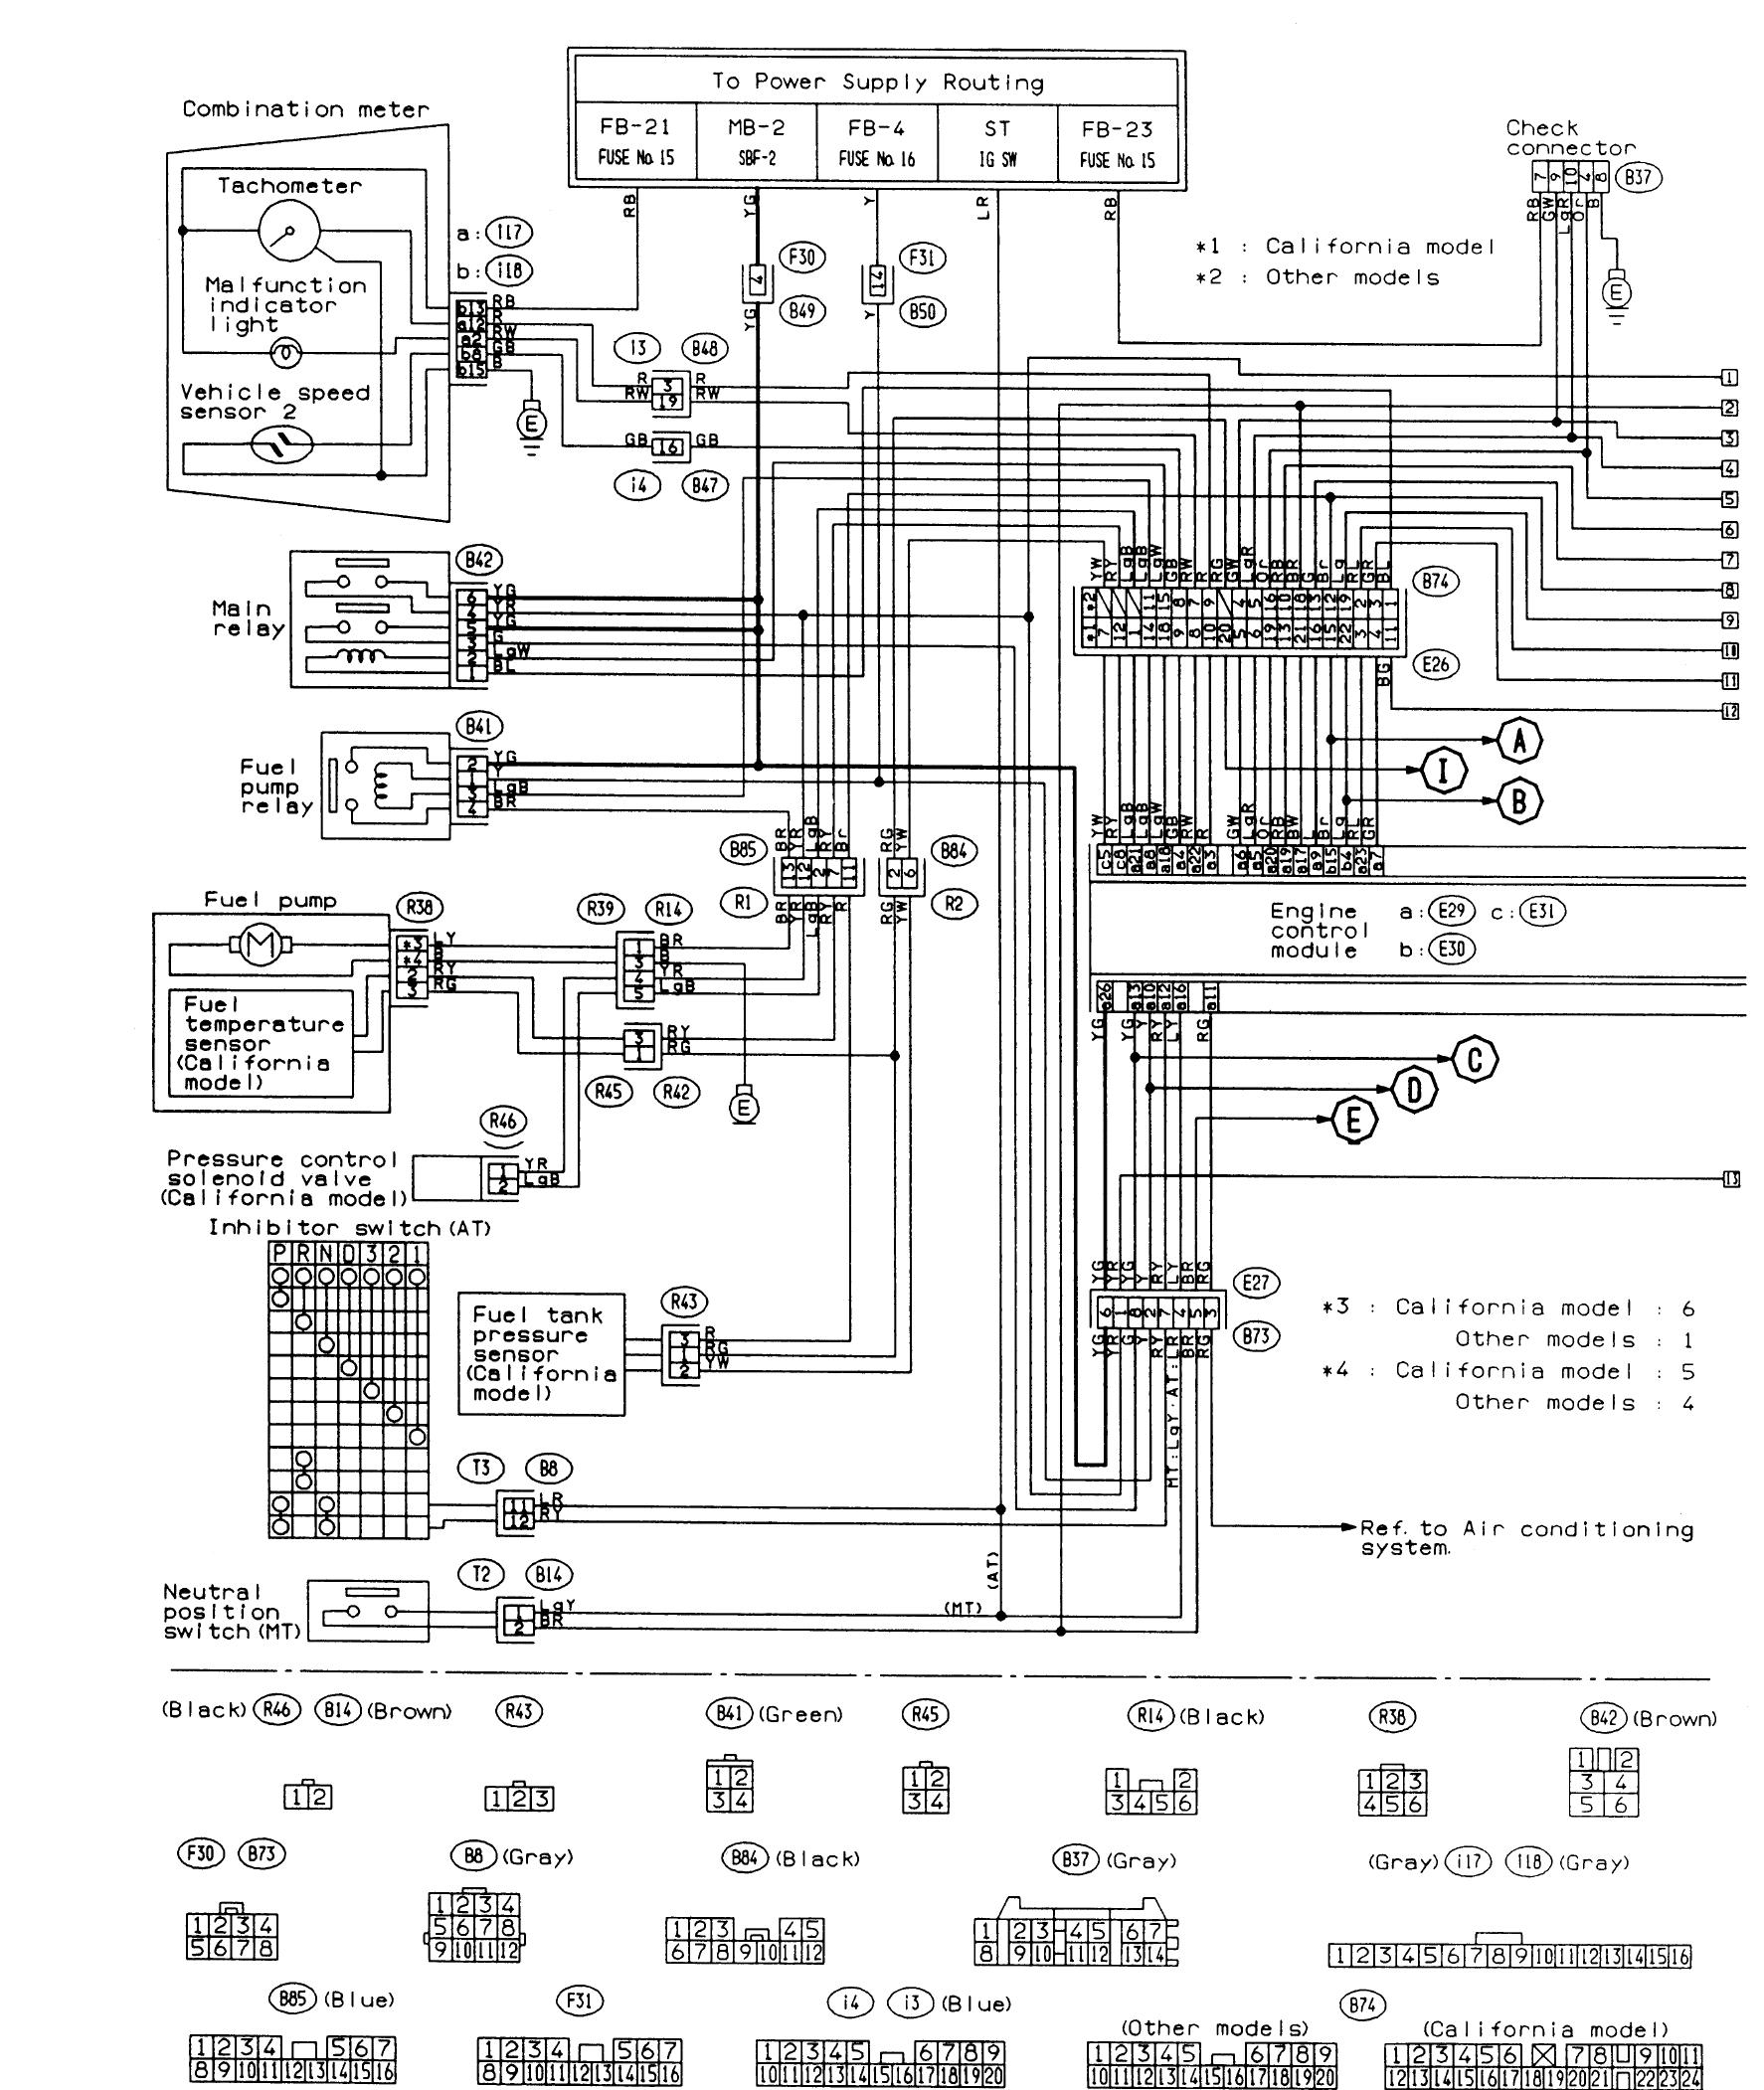 Electrical Diagram For Ac Unit In 2009 Subaru Forester Pinouts For 95 Impreza 1 8 Ecu Nasioc Subaru Impreza Subaru Forester Electrical Diagram